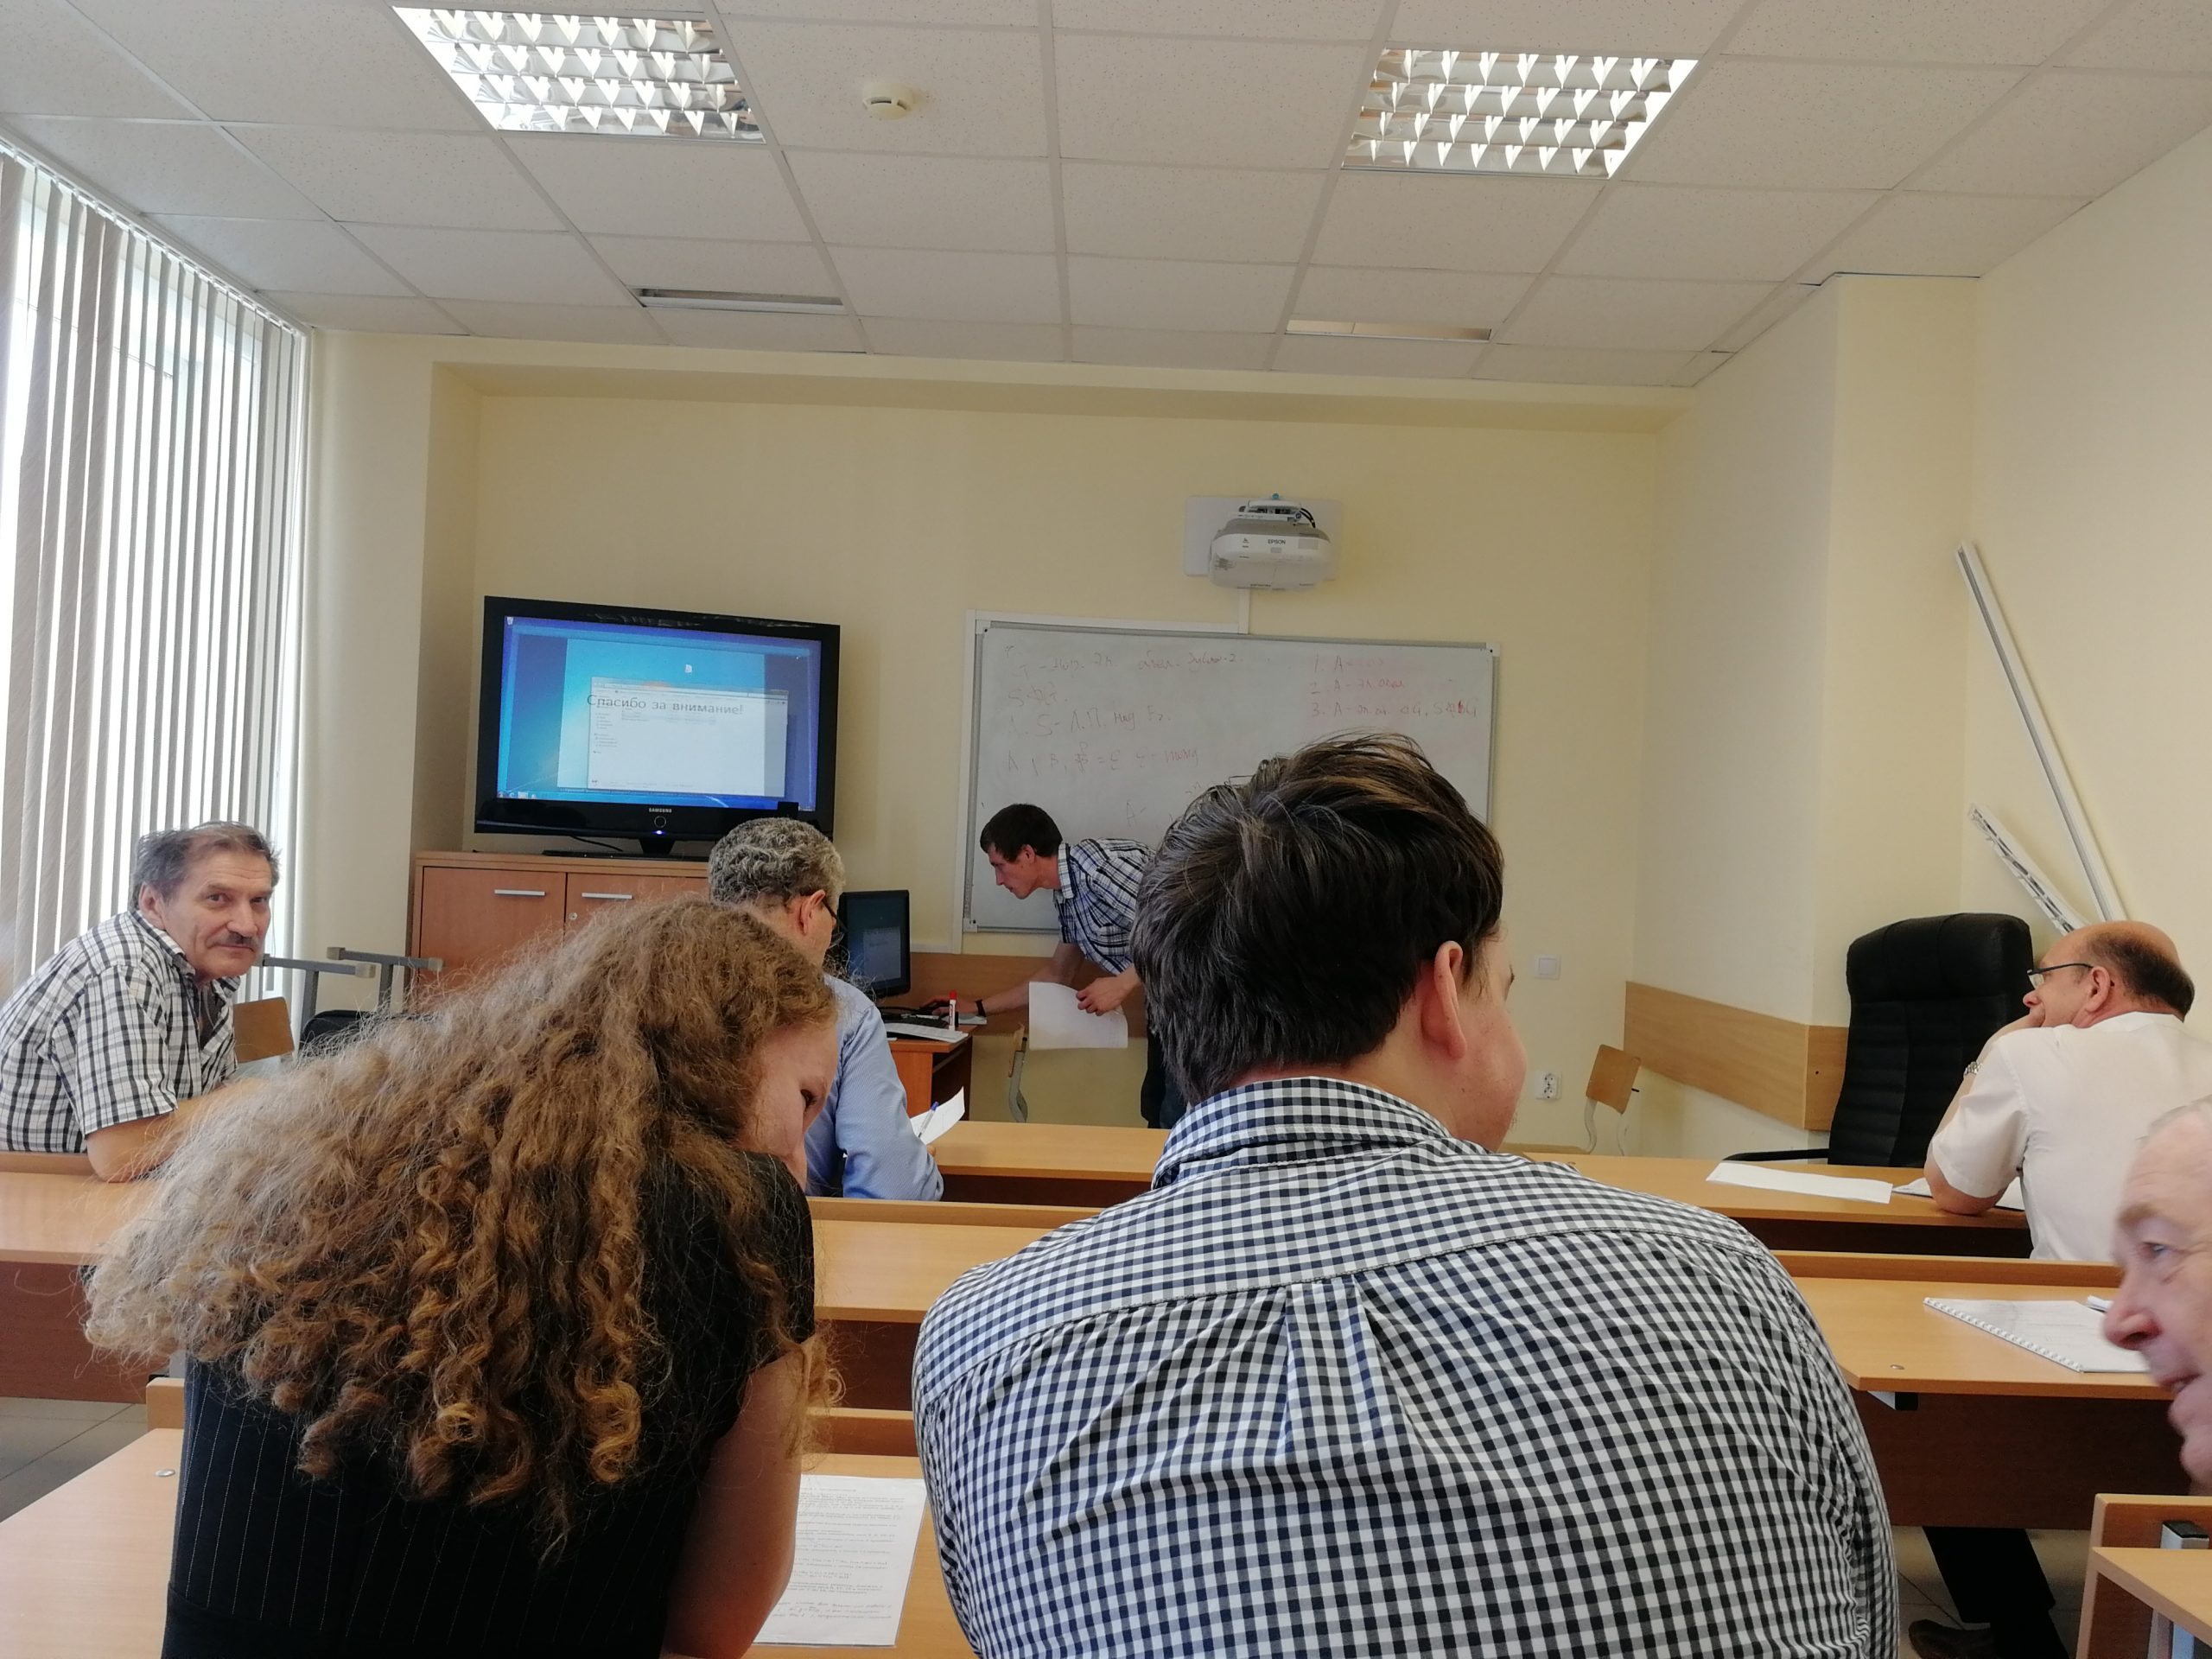 俄罗斯留学就读数学专业有多难?本科需要学多少东西?插图19-小狮座俄罗斯留学